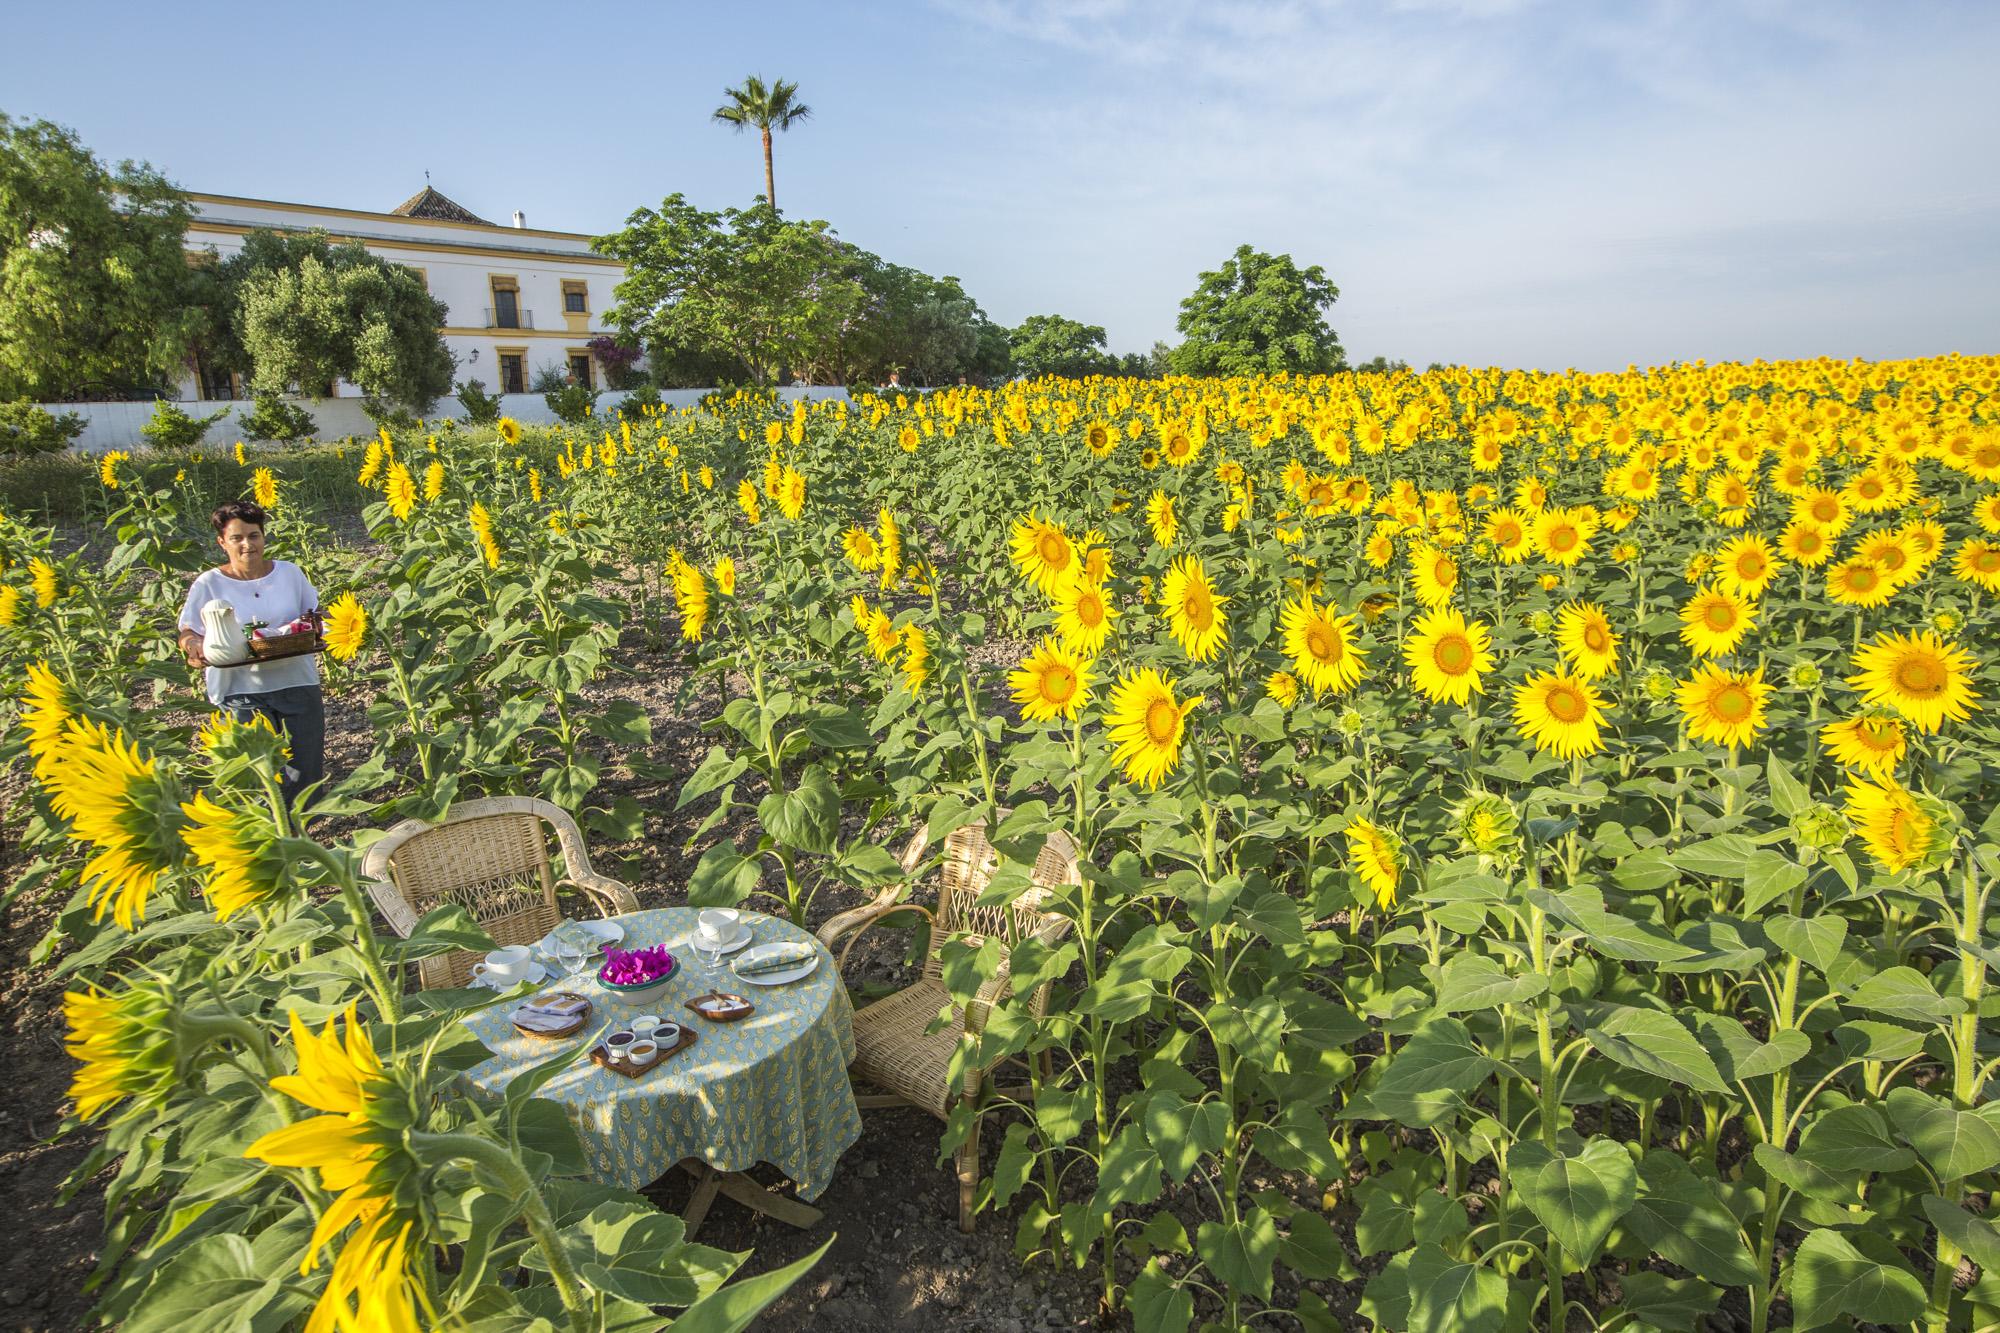 Spanien, Andalusien, Provinz Sevilla, Las Cabezas de San Juan, Hacienda San Rafael, Boutique Landhotel, Tom und Kucky beim Frühstück zwischen Sonnenblumen